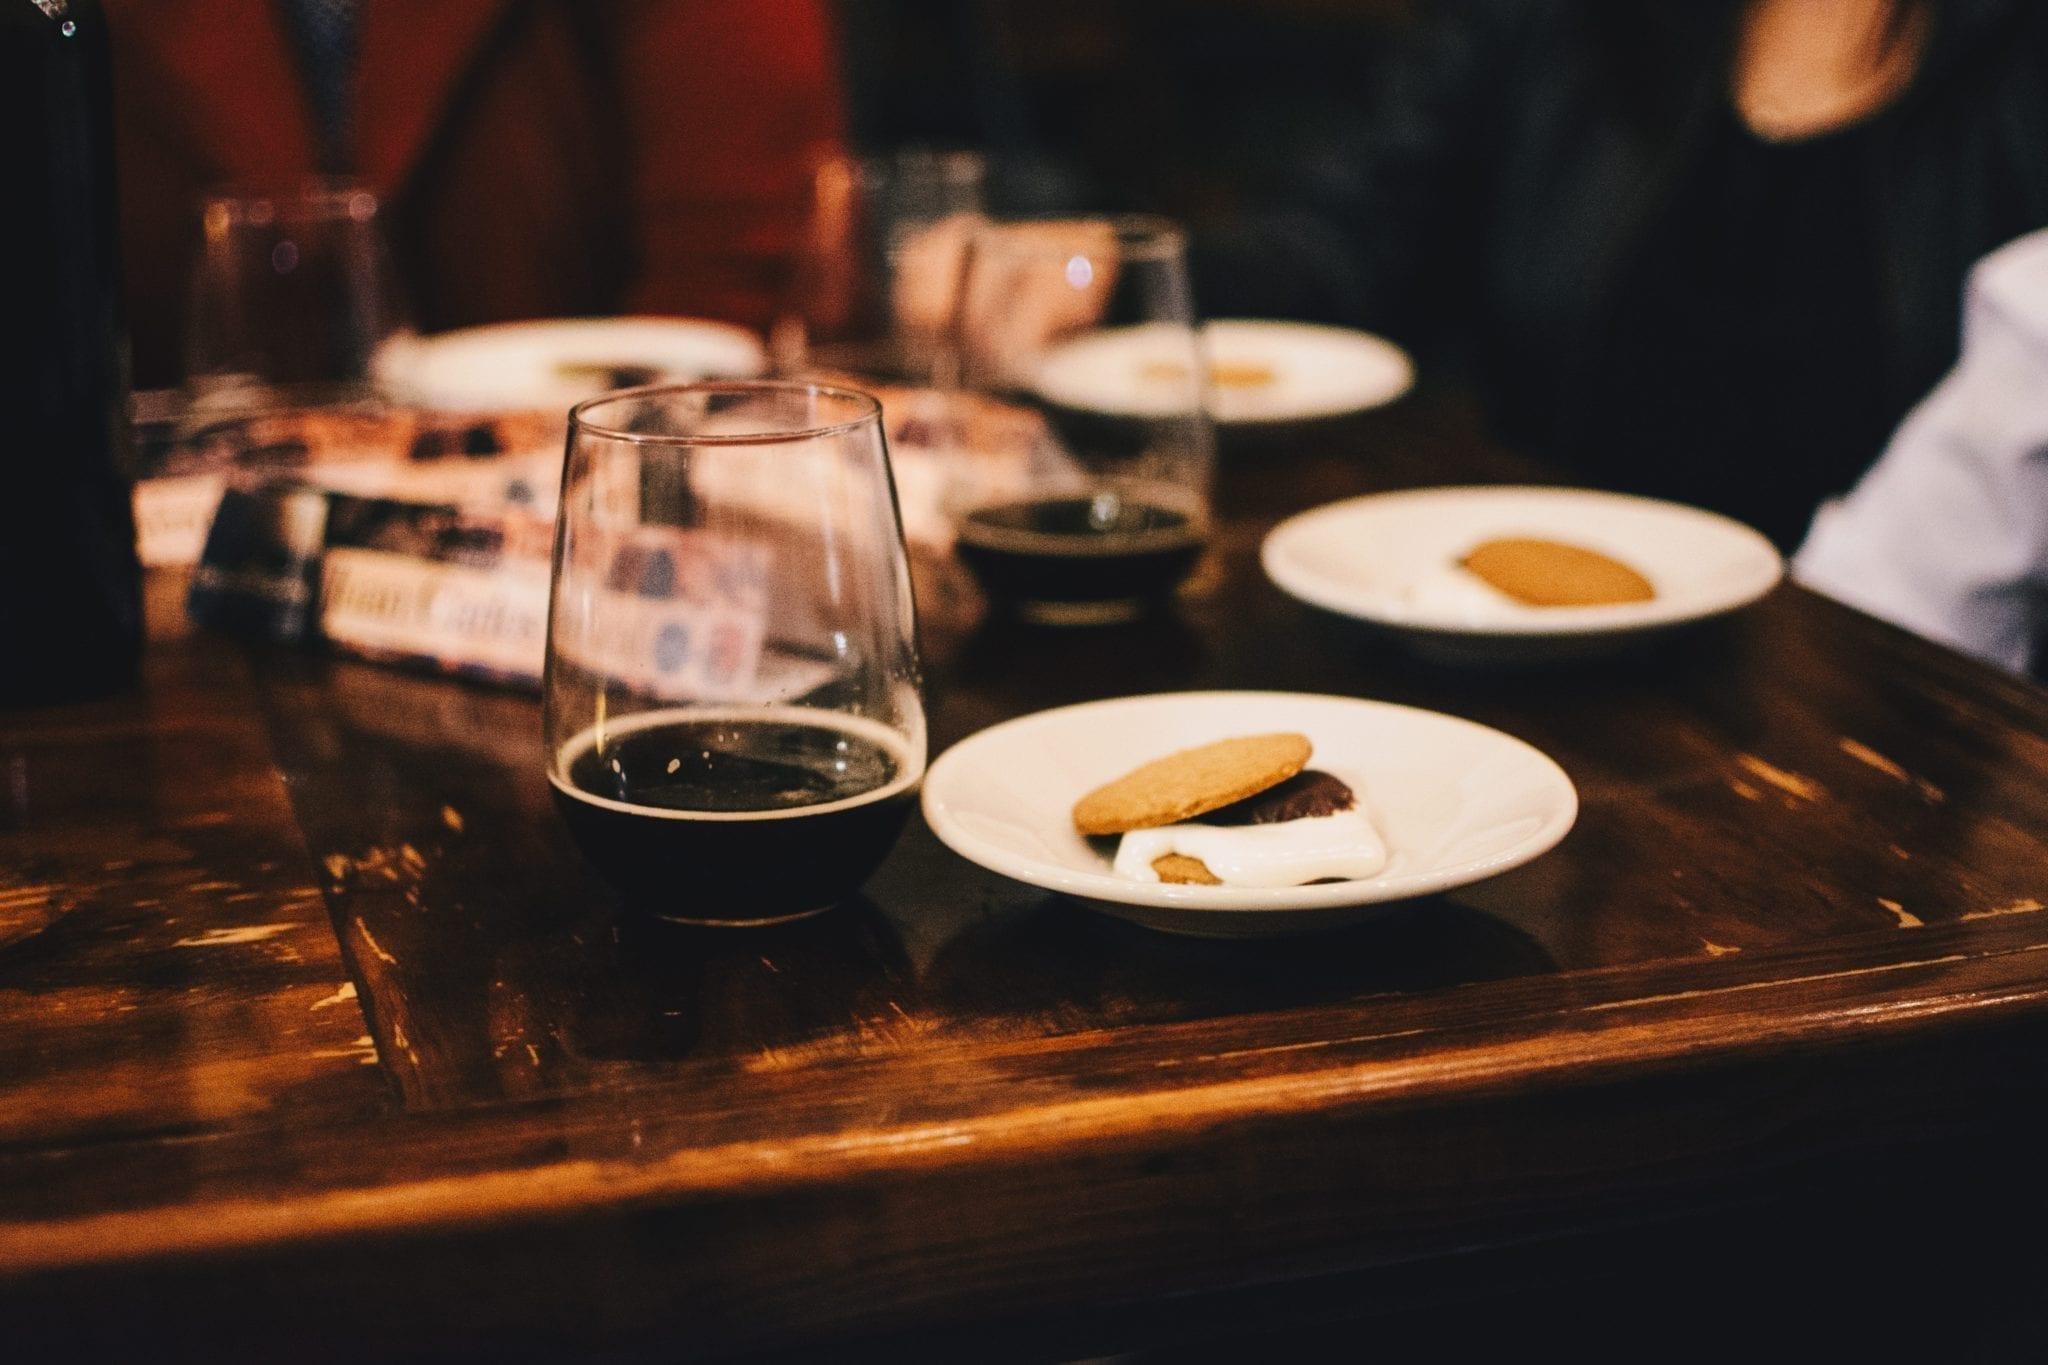 Gjør oppfølging etter en workshop med mat og drikke på en restaurant som denne.